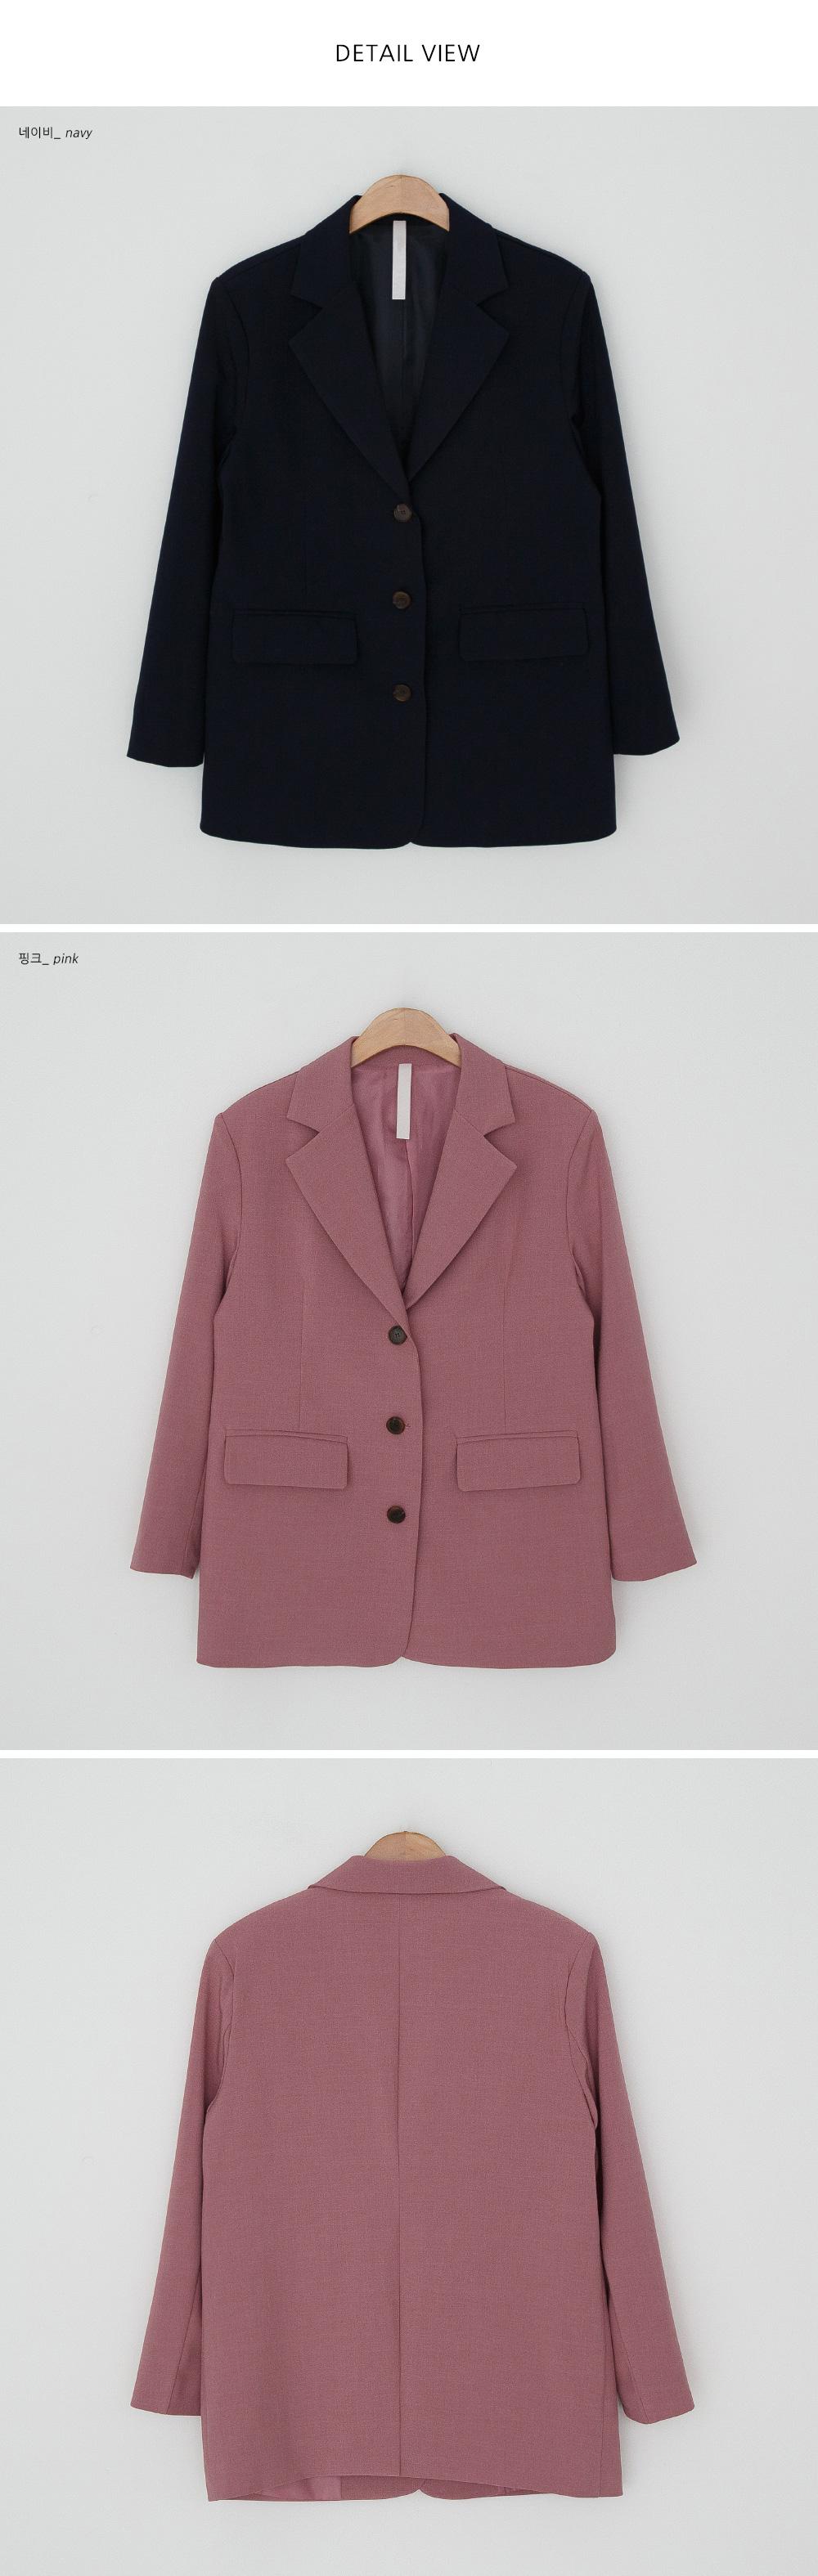 Classic Mood Overfit Single Jacket